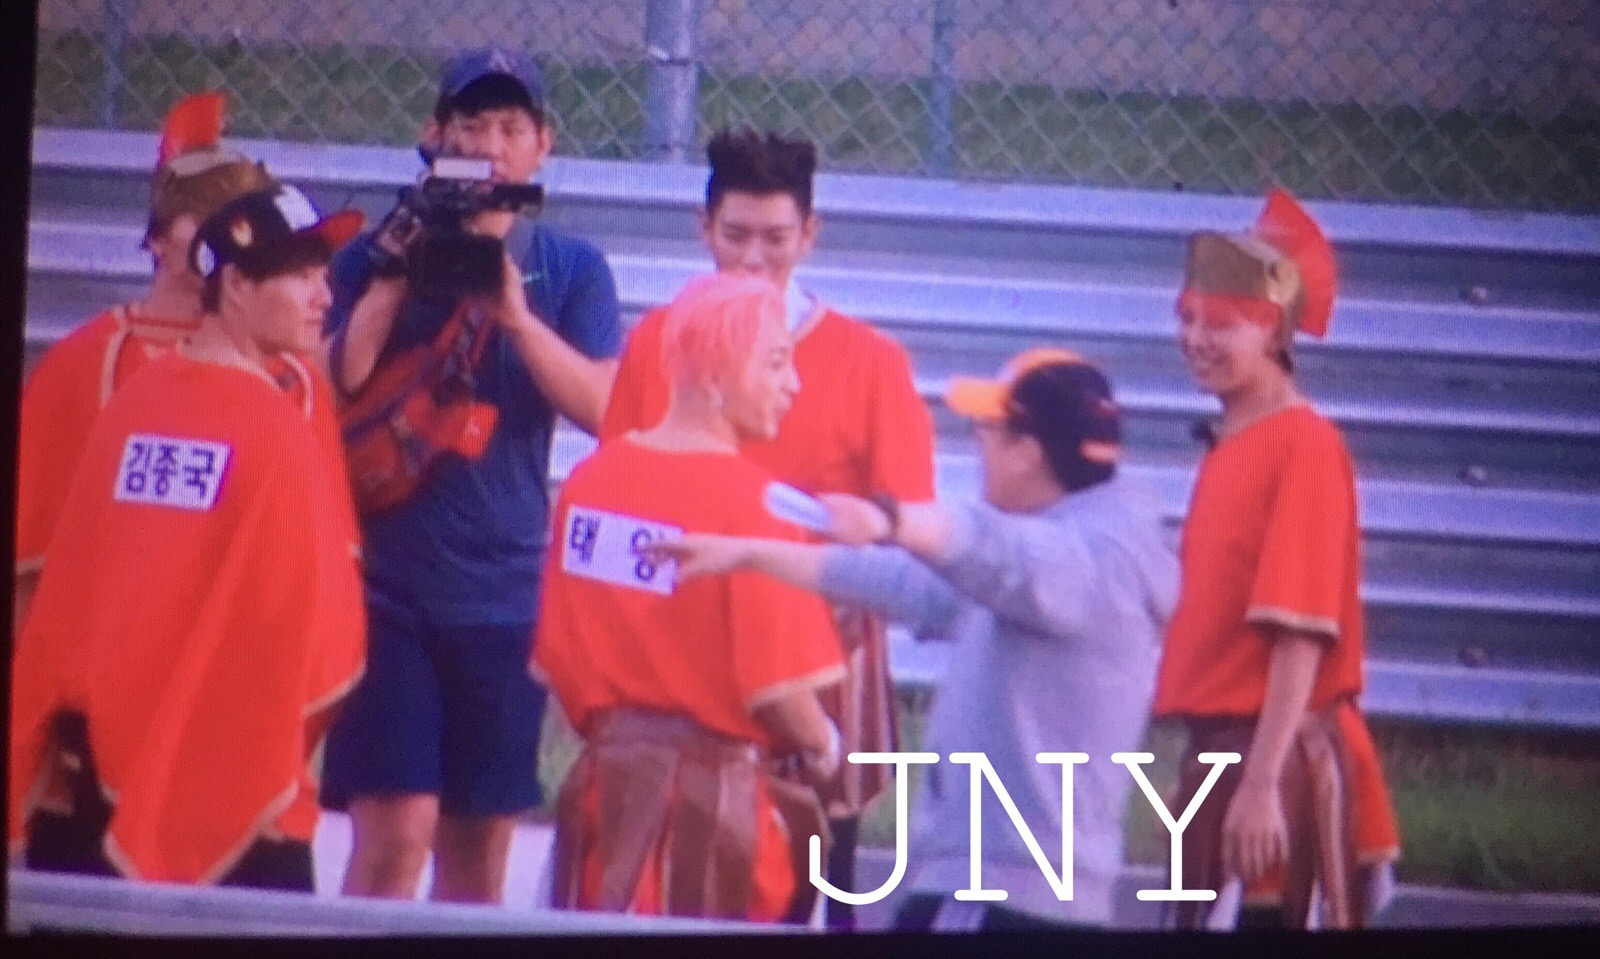 BIGBANG Running Man jny.jpg